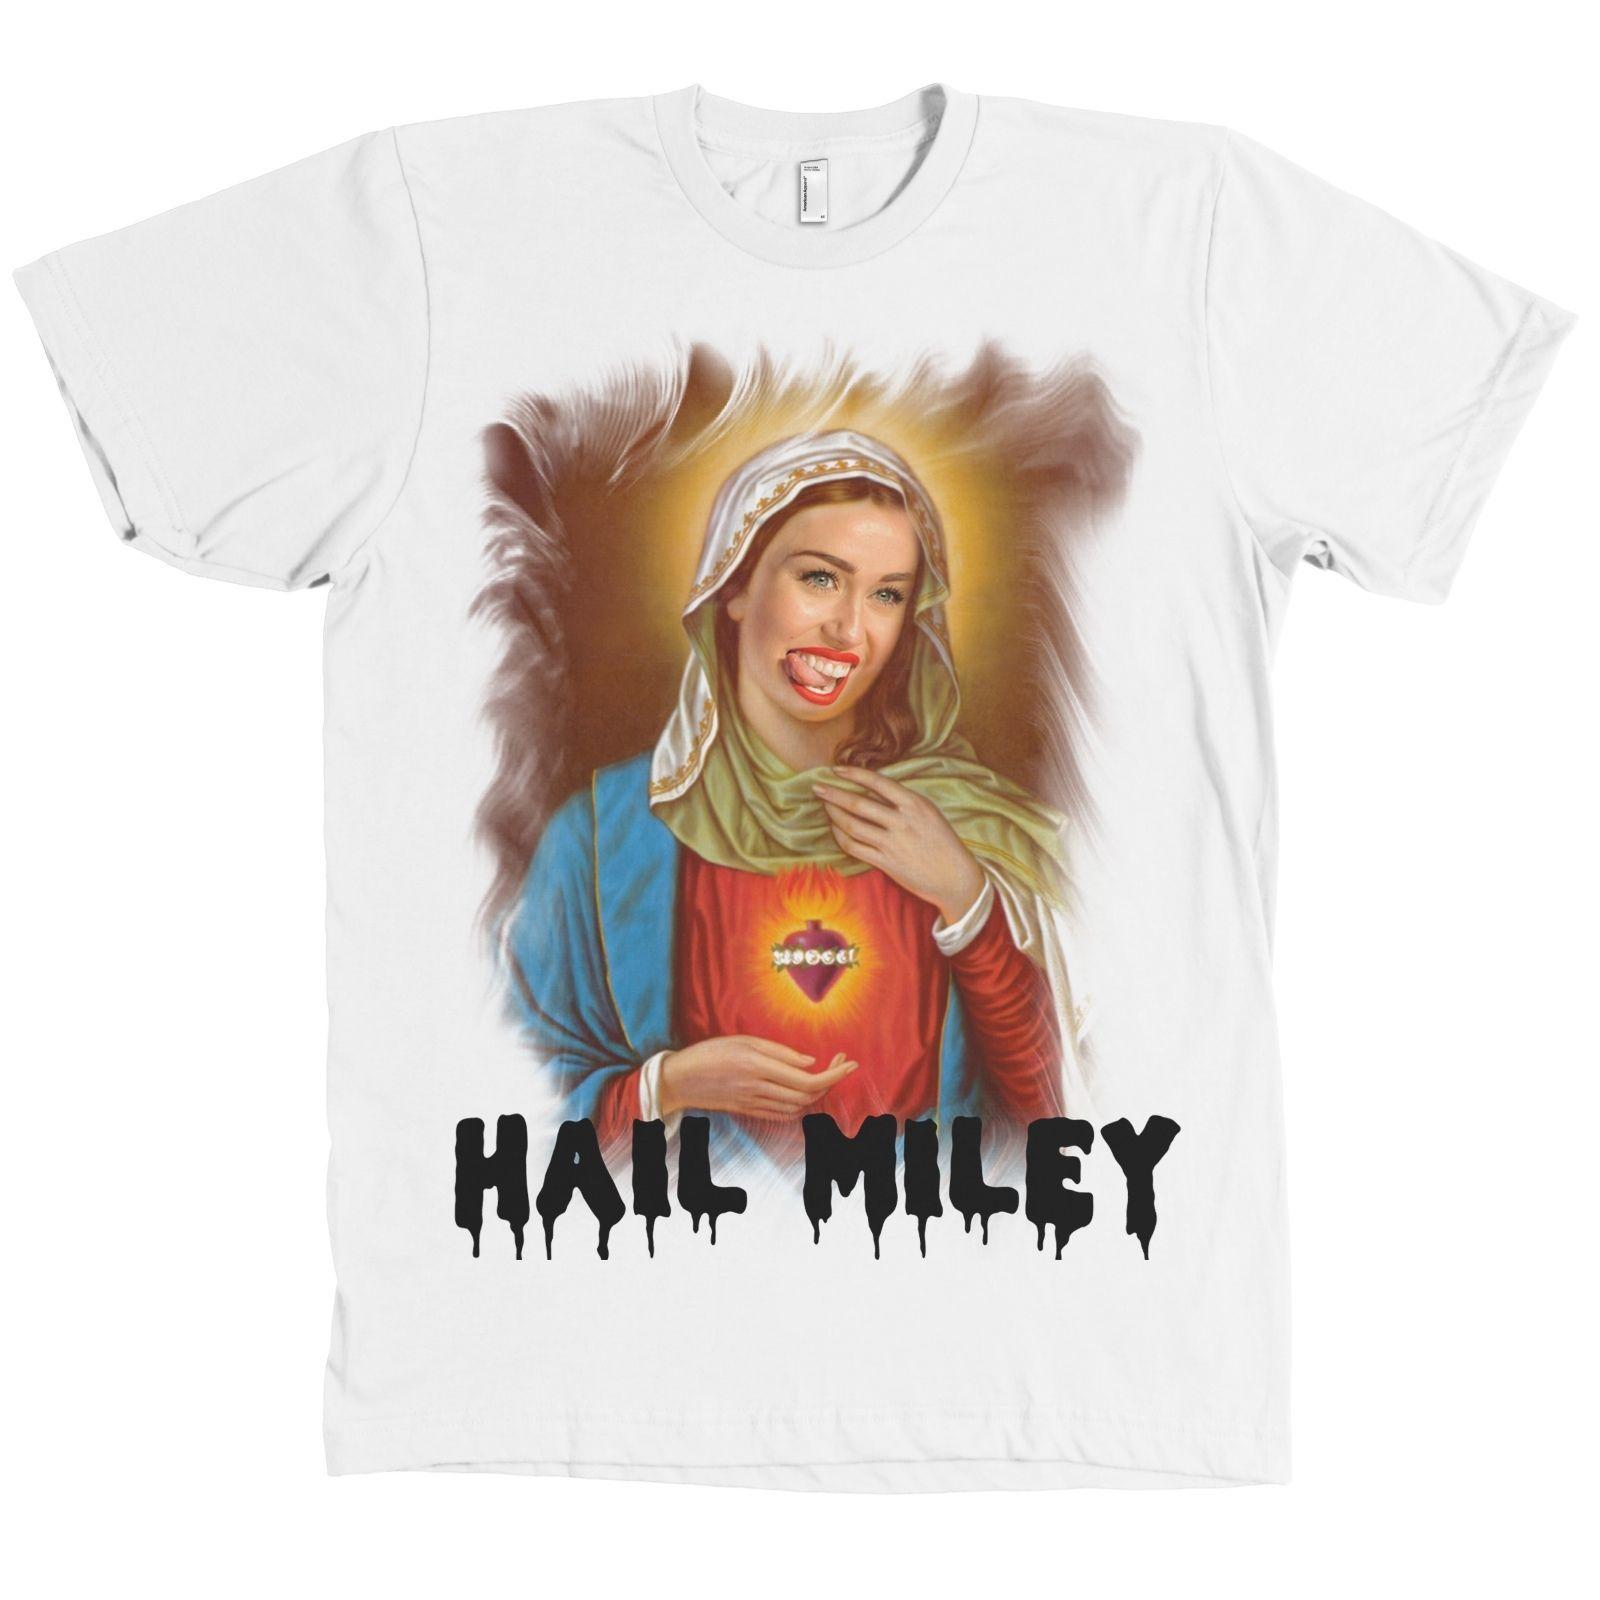 3efc77f238 Compre Saúdem Miley Cyrus Virgem Maria Bella + T Camisa De Lona Fã T  QUALIDADE SUAVE NOVO T Shirt De Manga Curta Plus Size Cor Camisa Impressão  T Camisa De ...